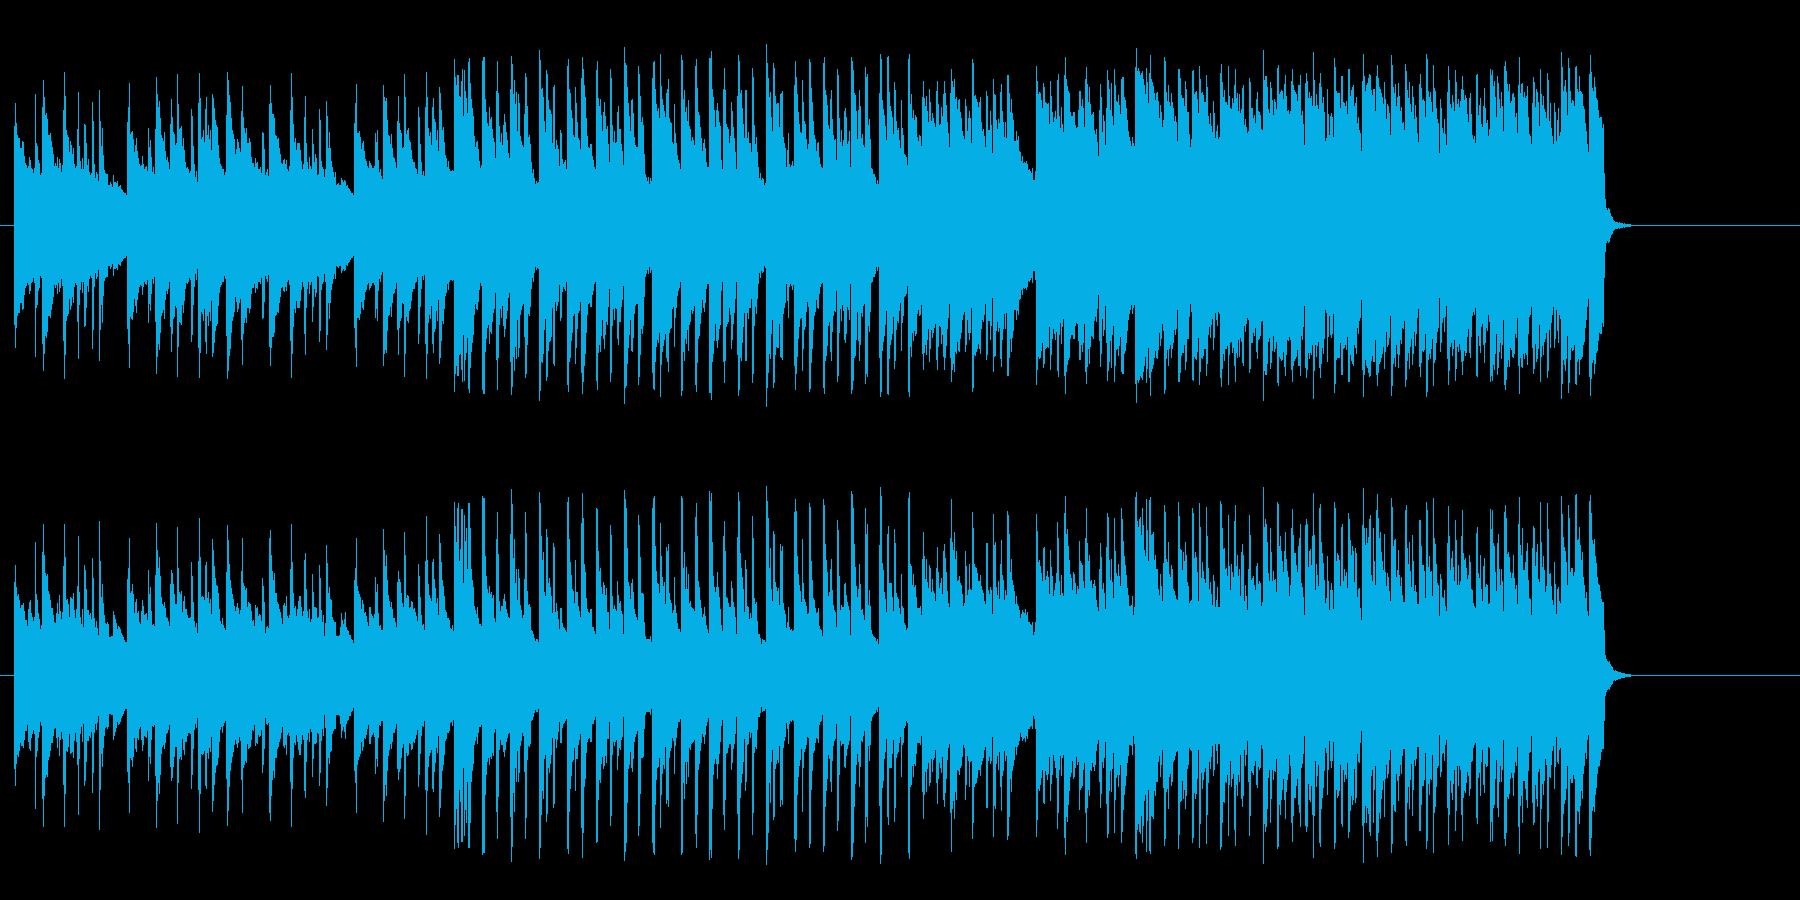 小さな胸の鼓動が膨れ上がるテクノ風の再生済みの波形